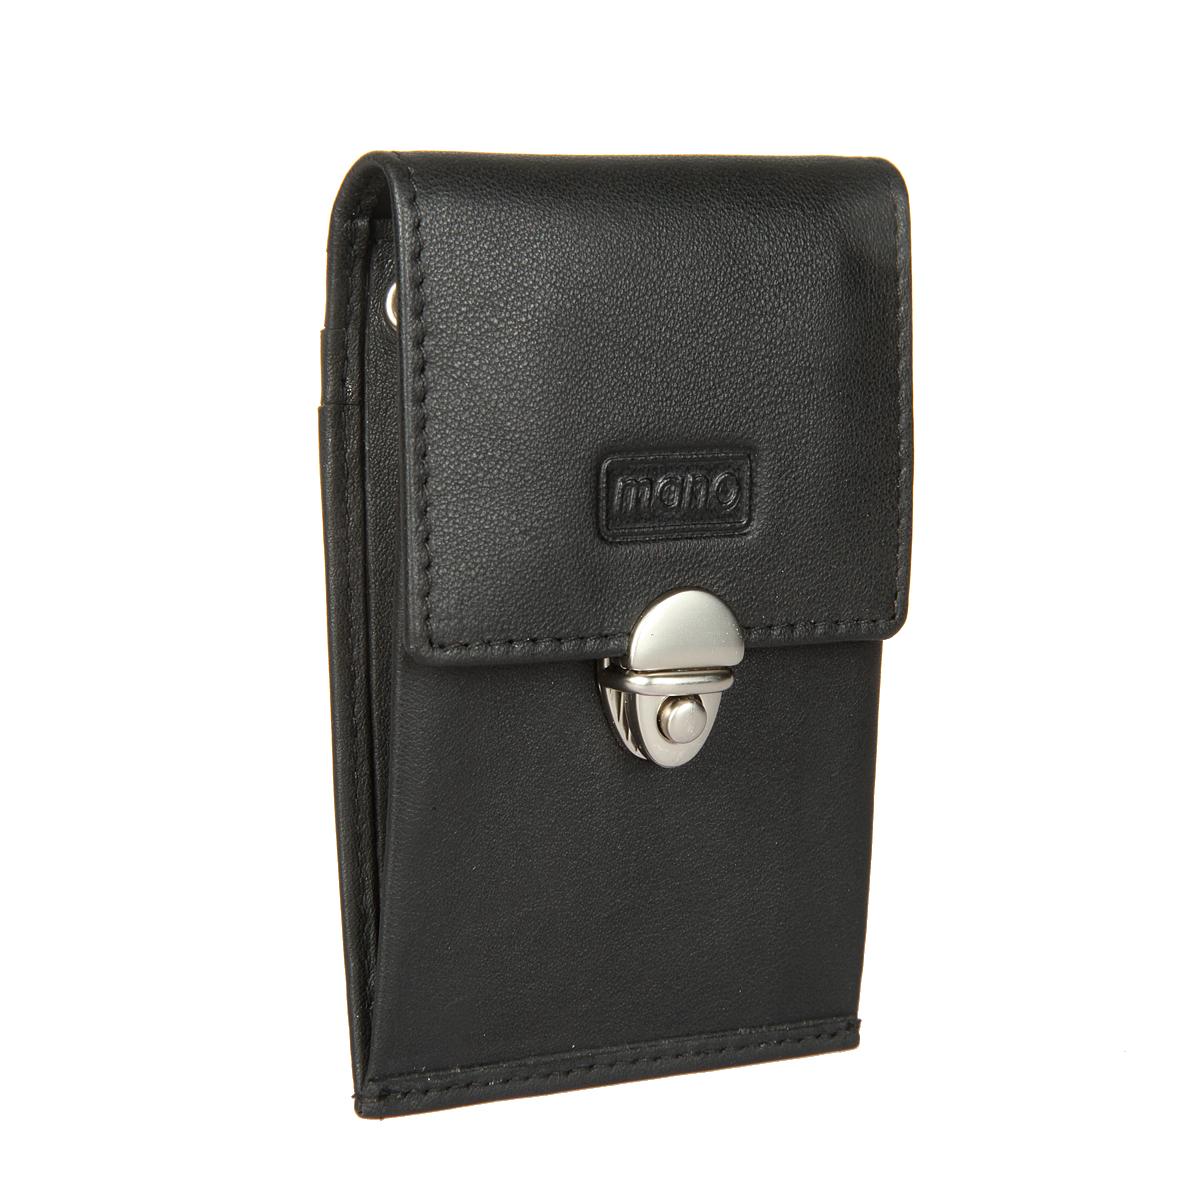 Ключница Mano, цвет: черный. 1342539864|Серьги с подвескамиОригинальная ключница Mano изготовлена из натуральной кожи, оформлена тиснением в виде логотипа бренда.Ключница закрывается клапаном на замок-защелку и внутри содержит два кольца для ключей. На задней стороне расположены три кармашка для пластиковых карт.Компактная ключница станет отличным подарком для человека, ценящего качественные и необычные вещи.